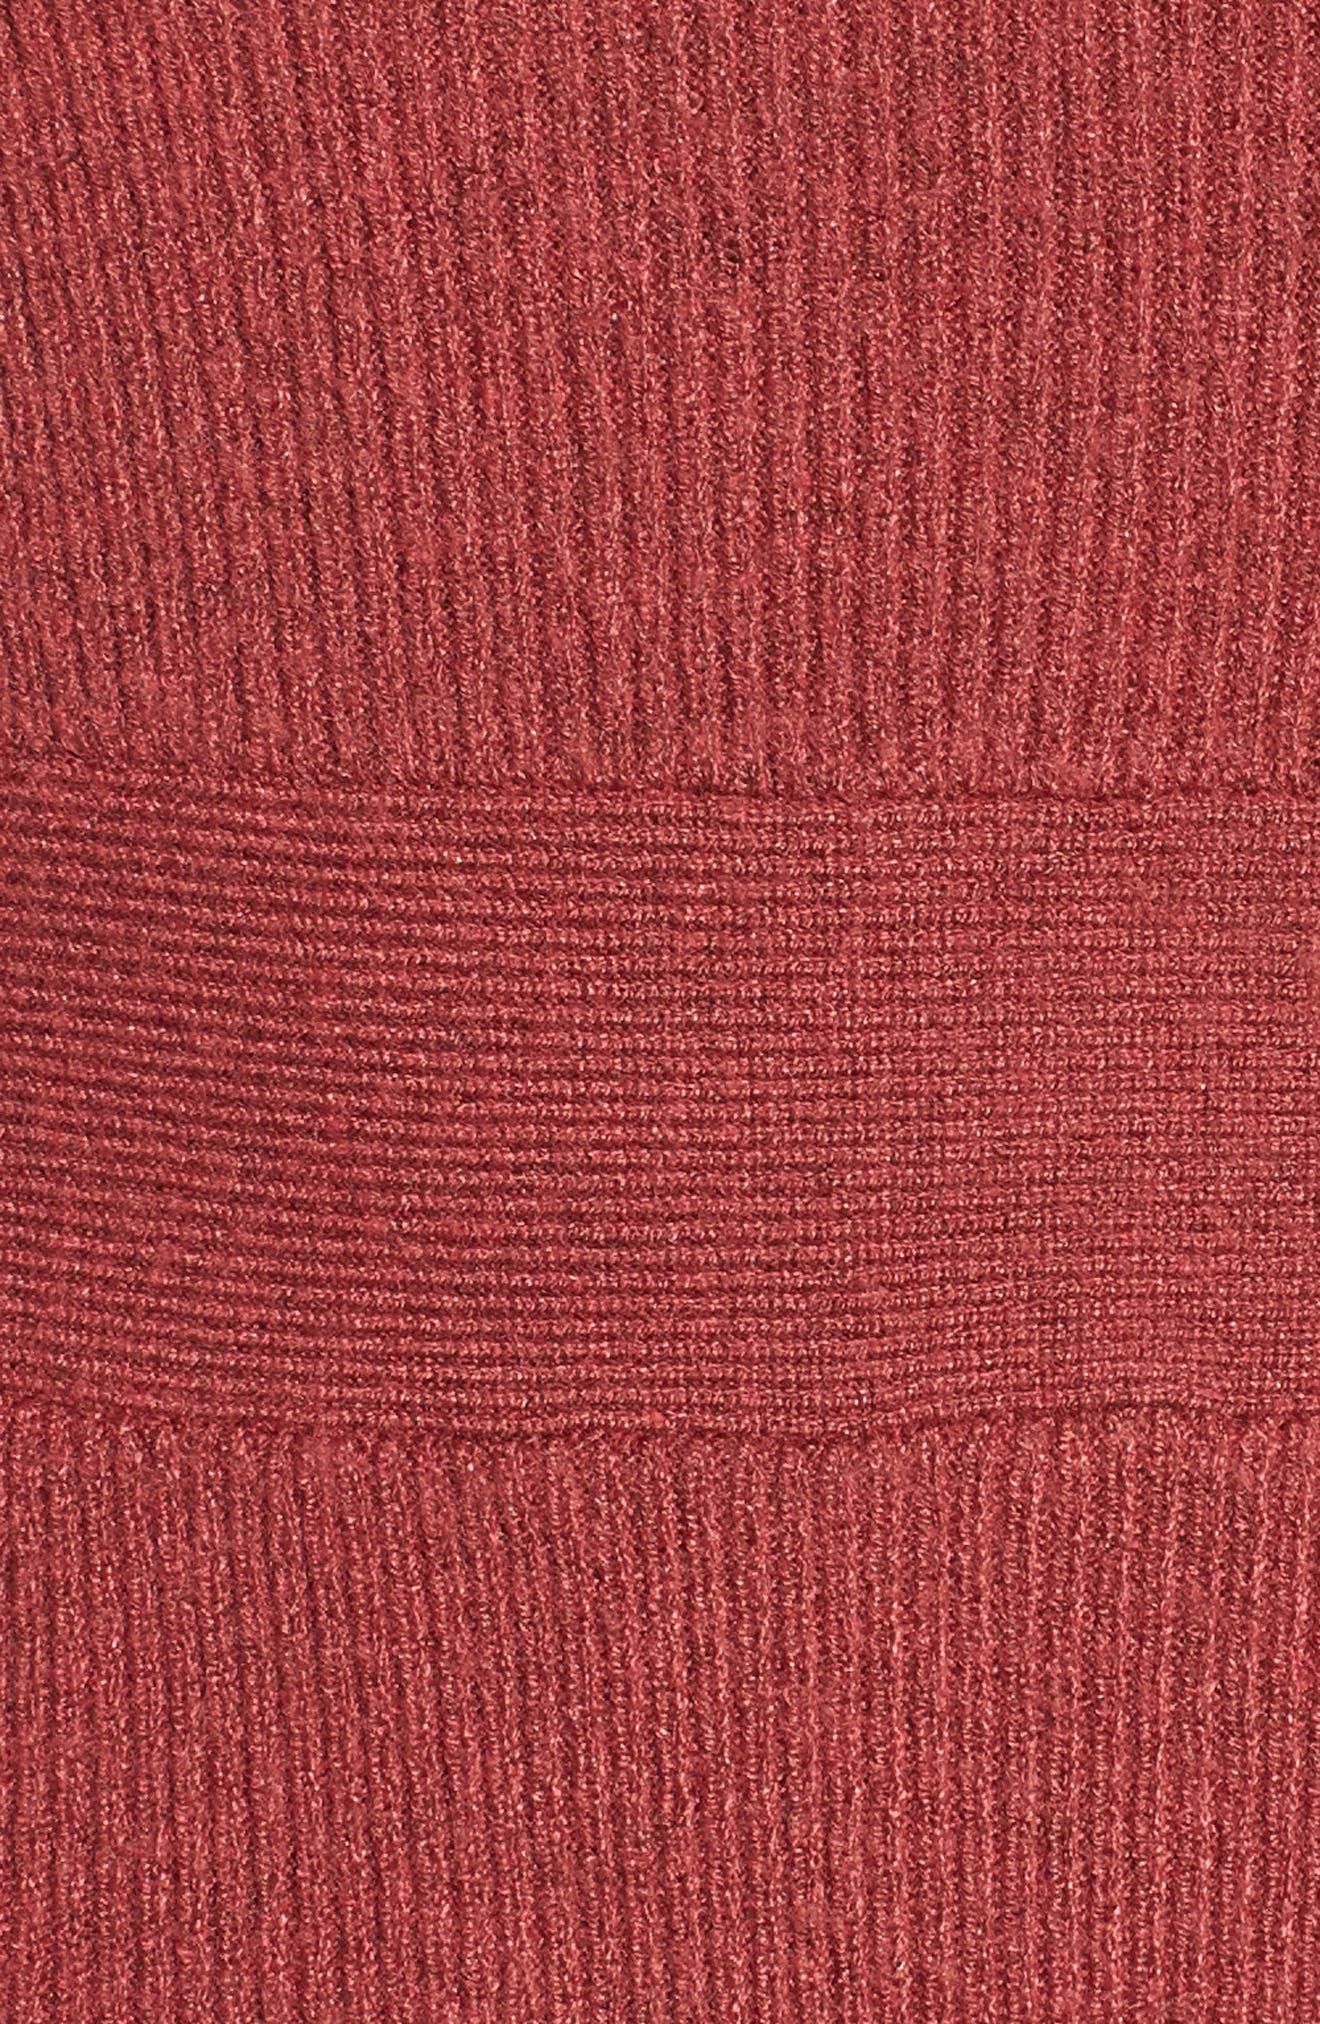 Midi Body-Con Dress,                             Alternate thumbnail 5, color,                             Red Baroque